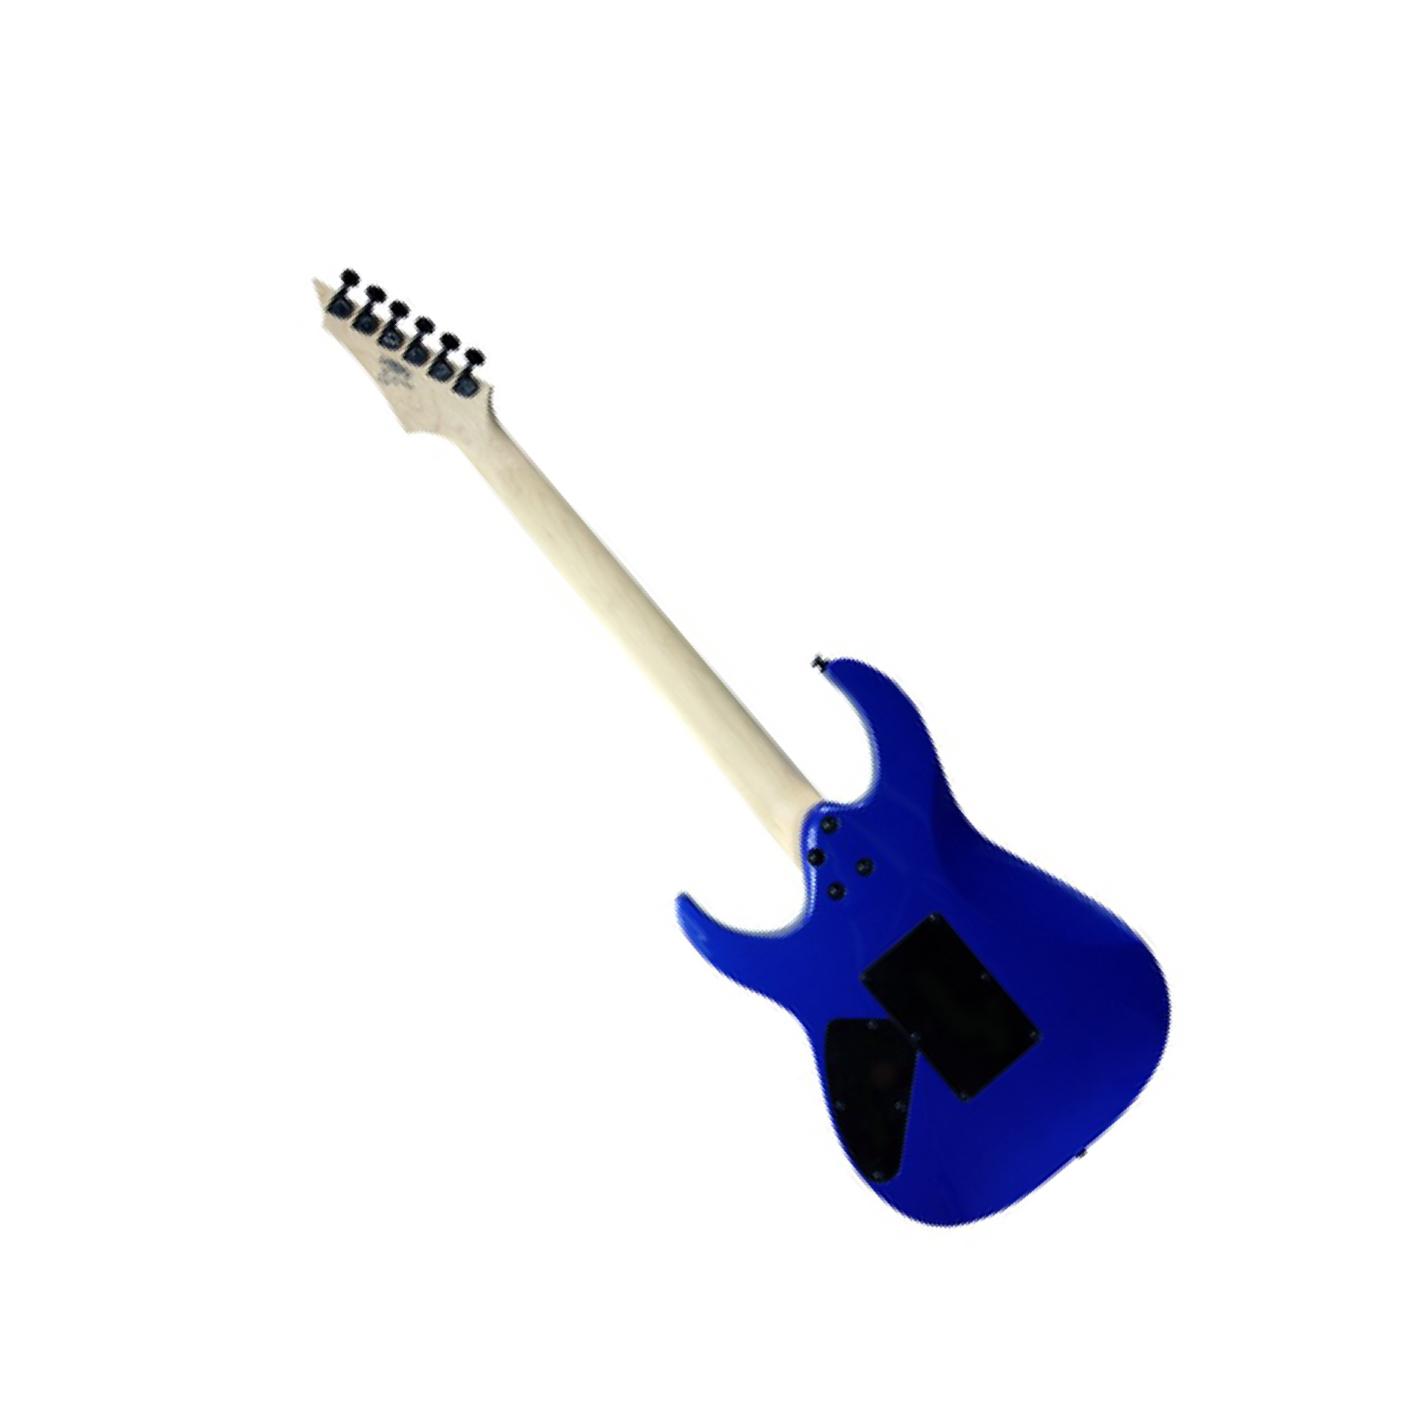 Cort X250 Kona Blue